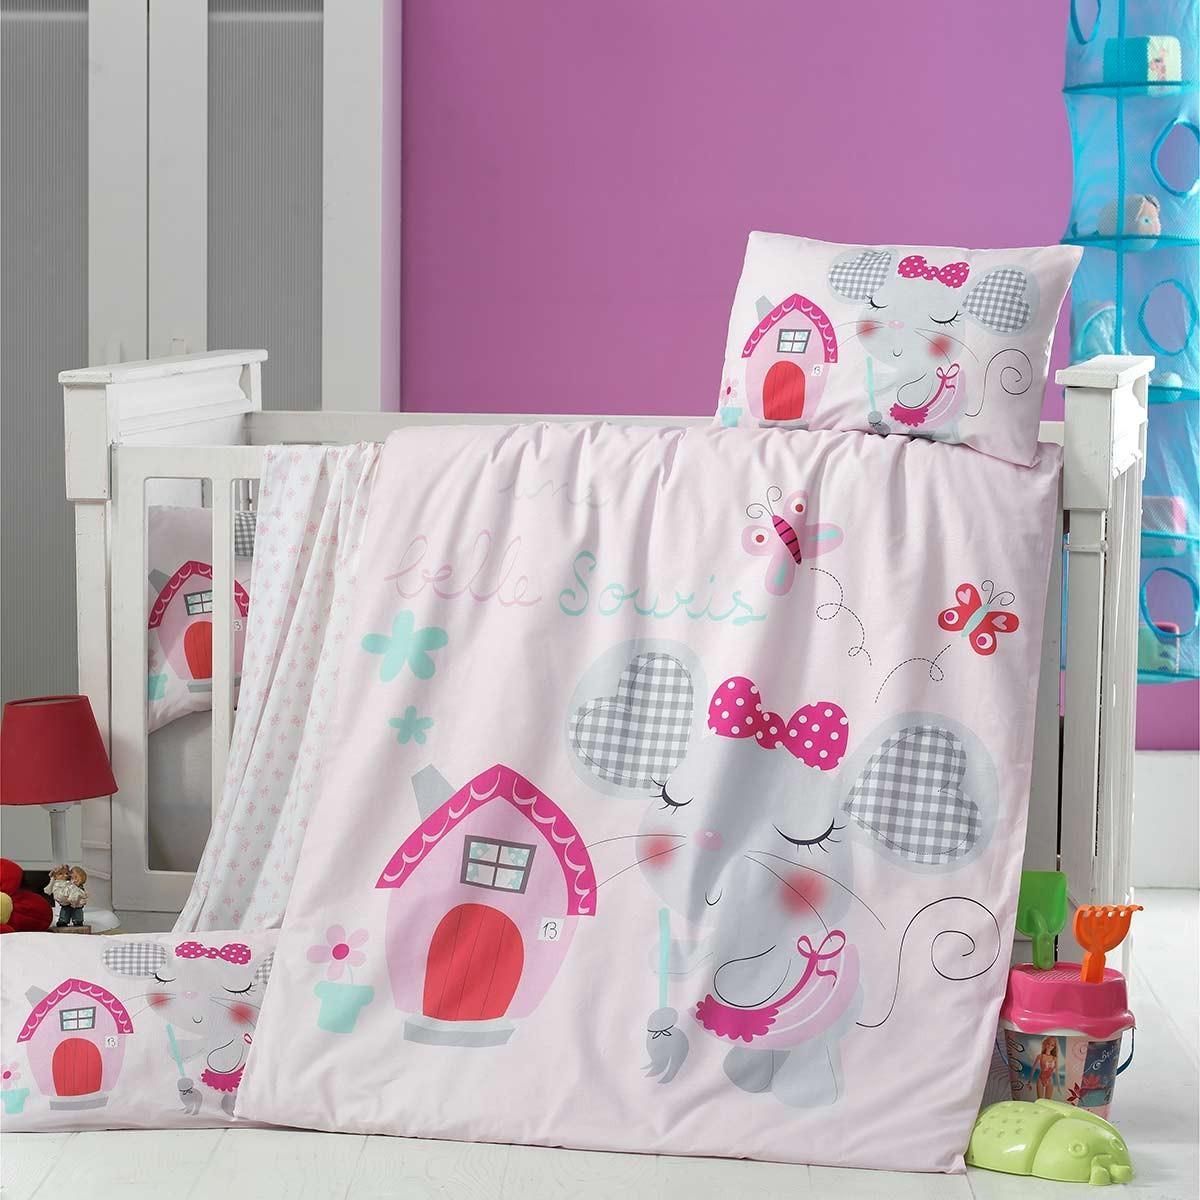 Σεντόνια Κούνιας (Σετ) Ravelia Baby Pink House